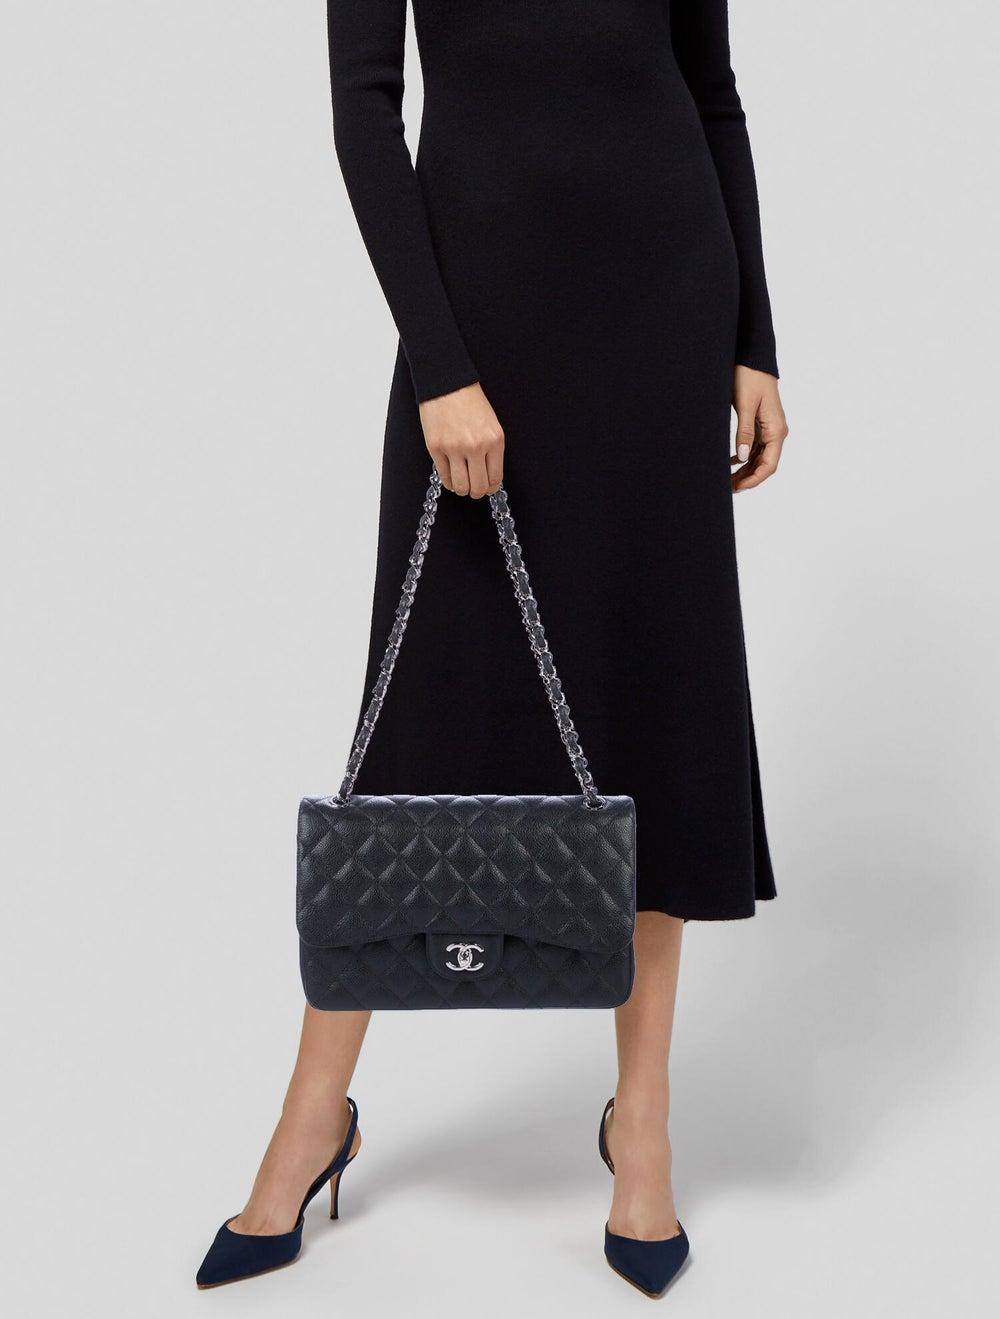 Chanel 2019 Classic Jumbo Double Flap Bag Black - image 2